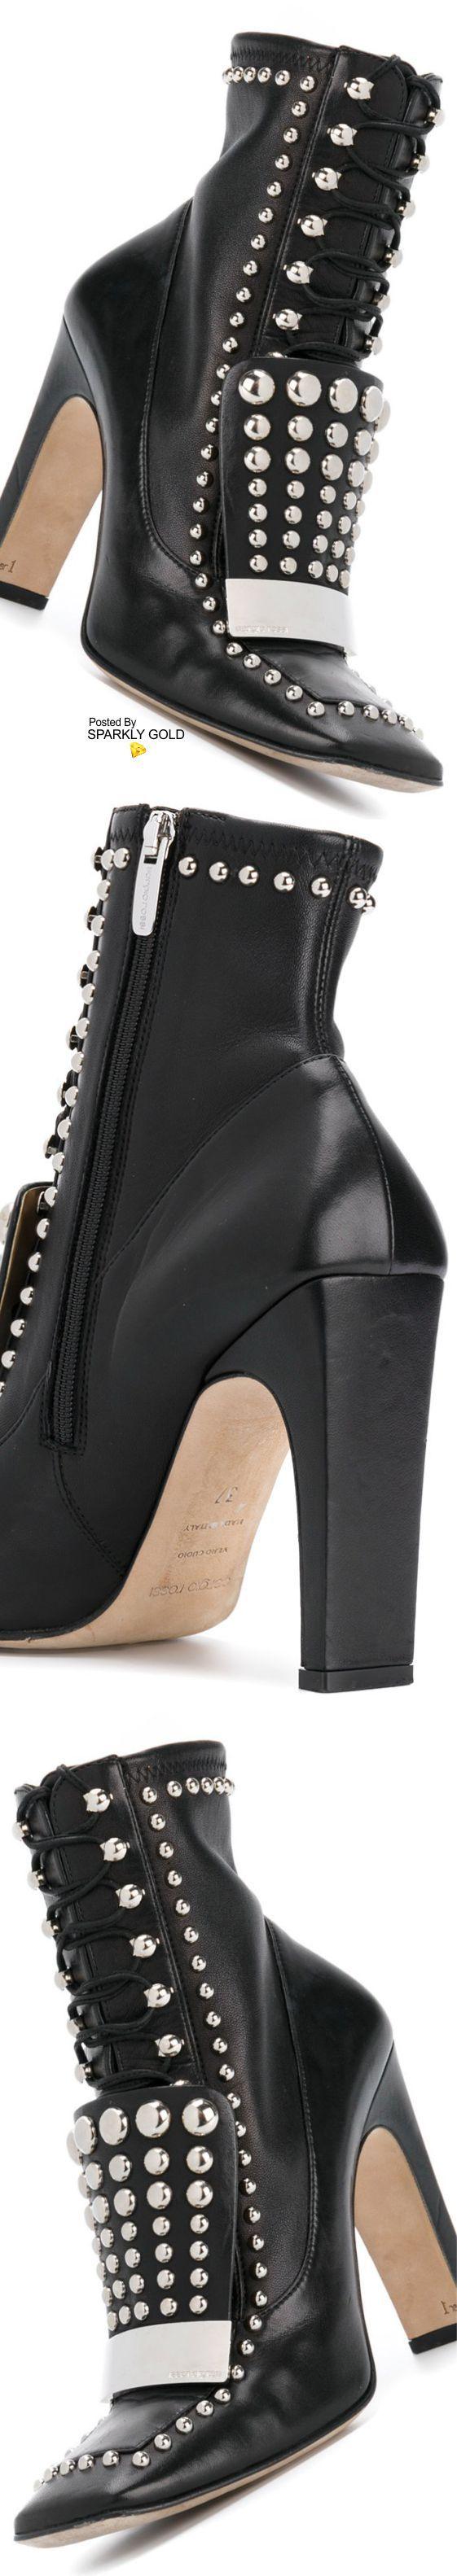 Sergio Rossi/Boots